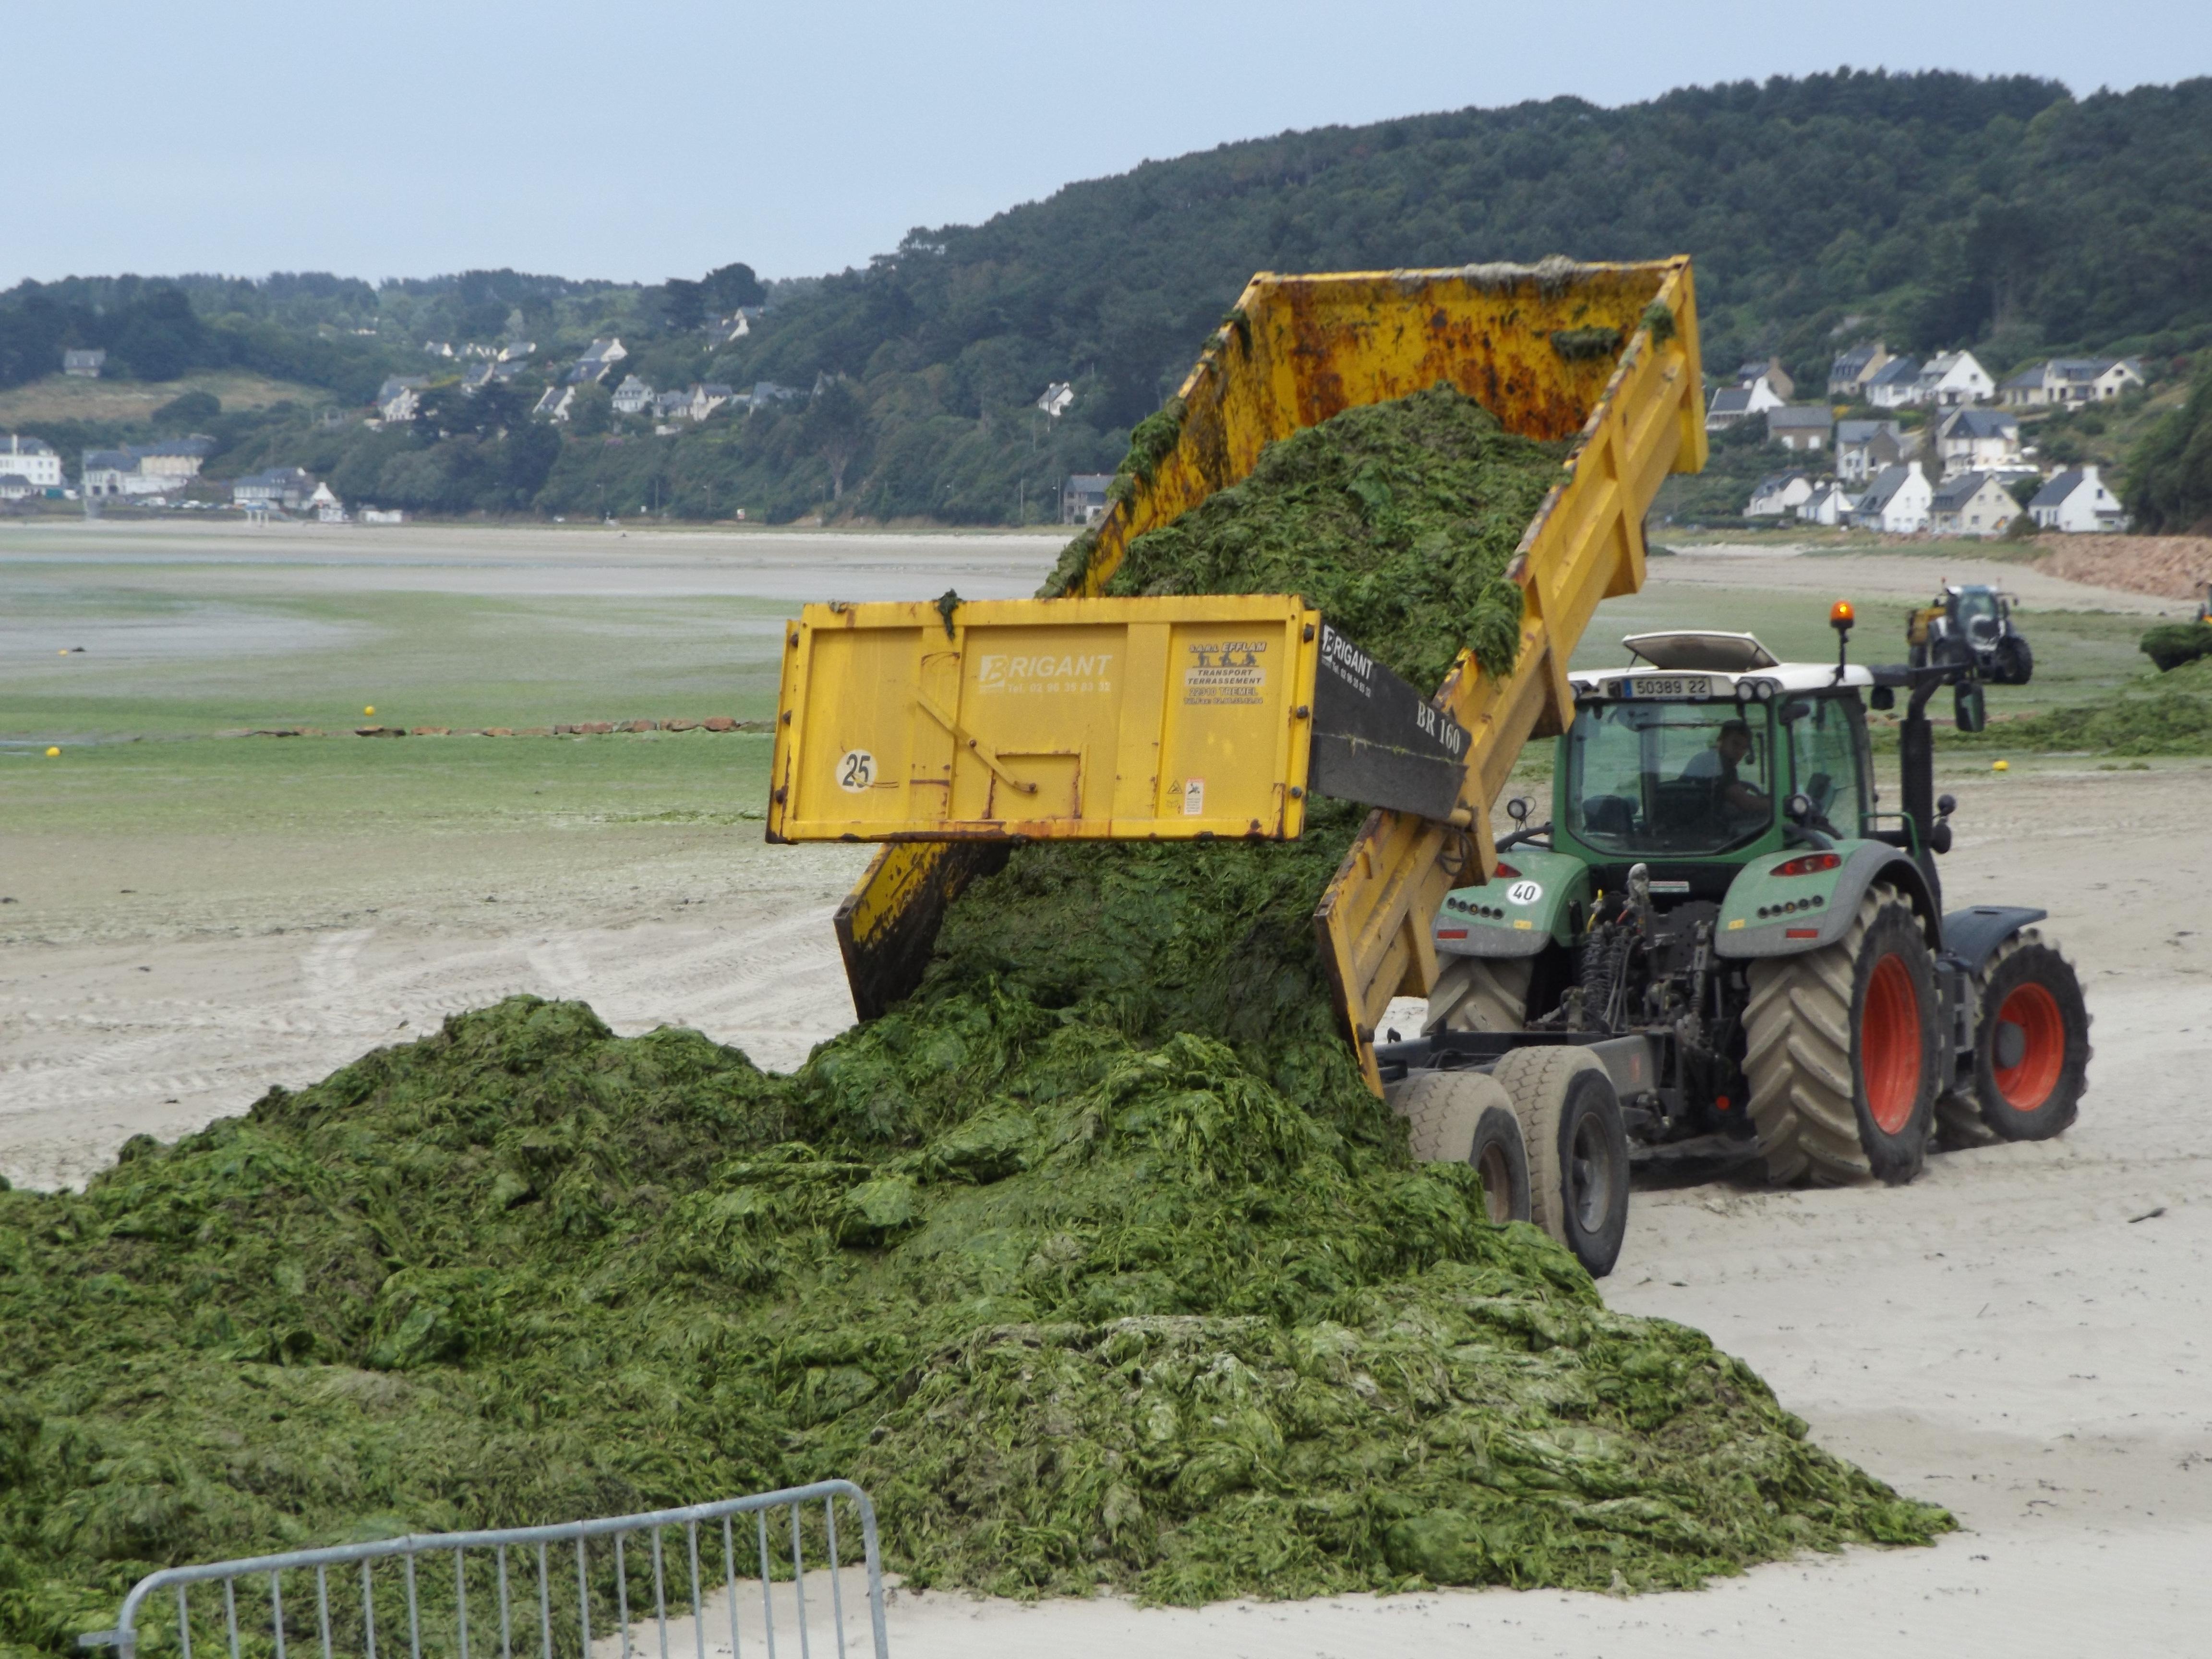 179 kg d'azote épandus sur chaque hectare breton [10/07/15]